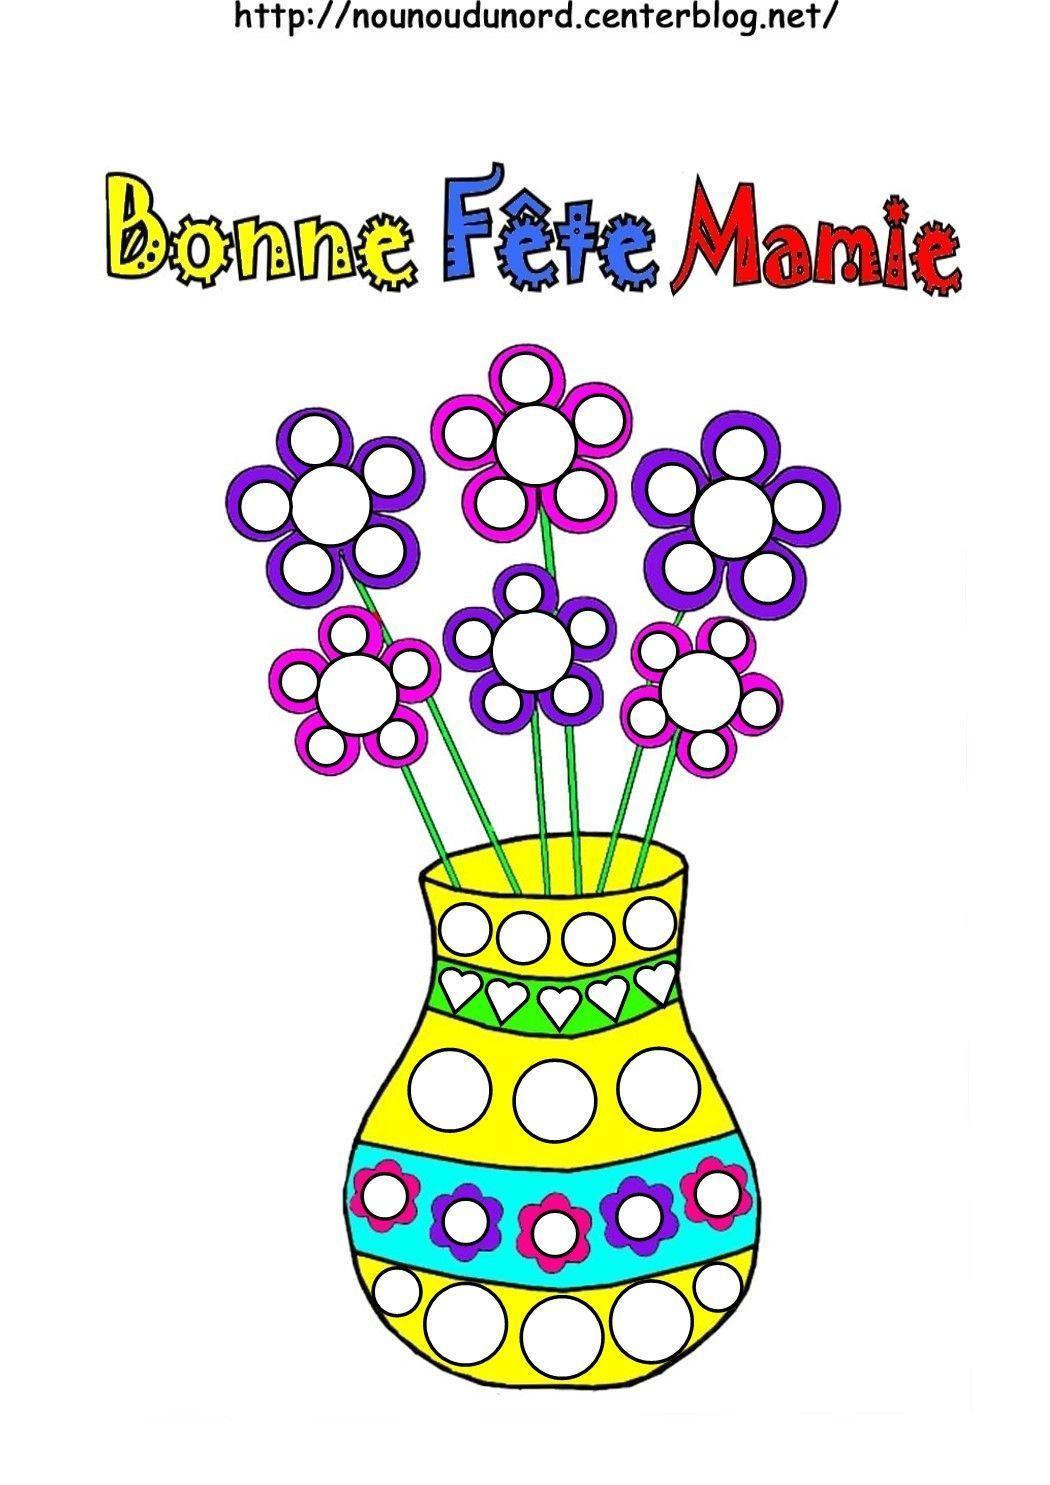 Bouquet de coeurs, vase avec fleurs pour la fête des Mamies